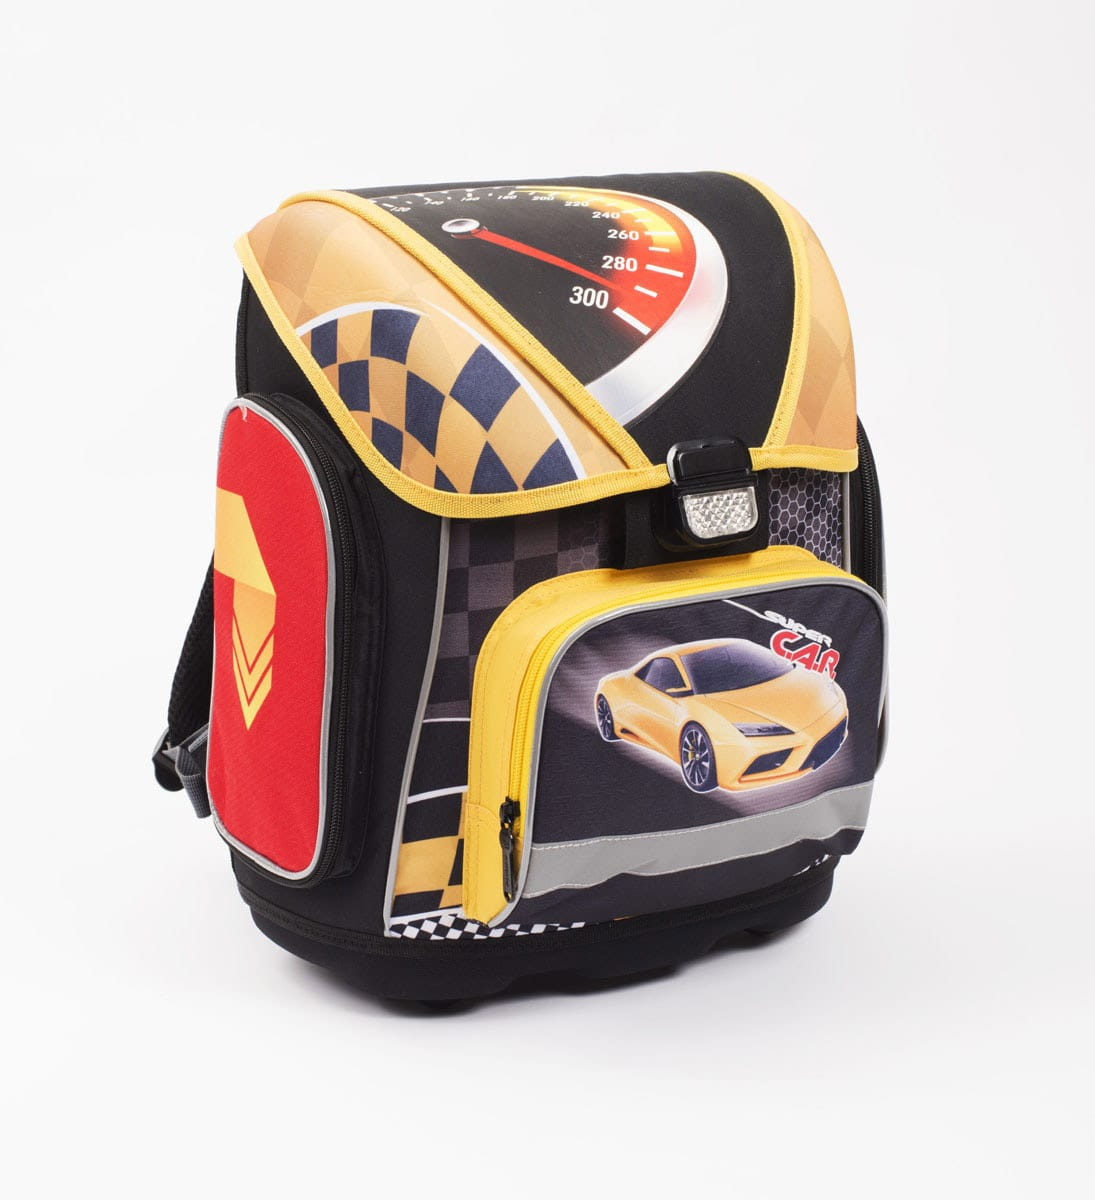 f2977c337c2 Anatomical backpack PREMIUM Car - Školní potřeby » BATOHY A AKTOVKY ...